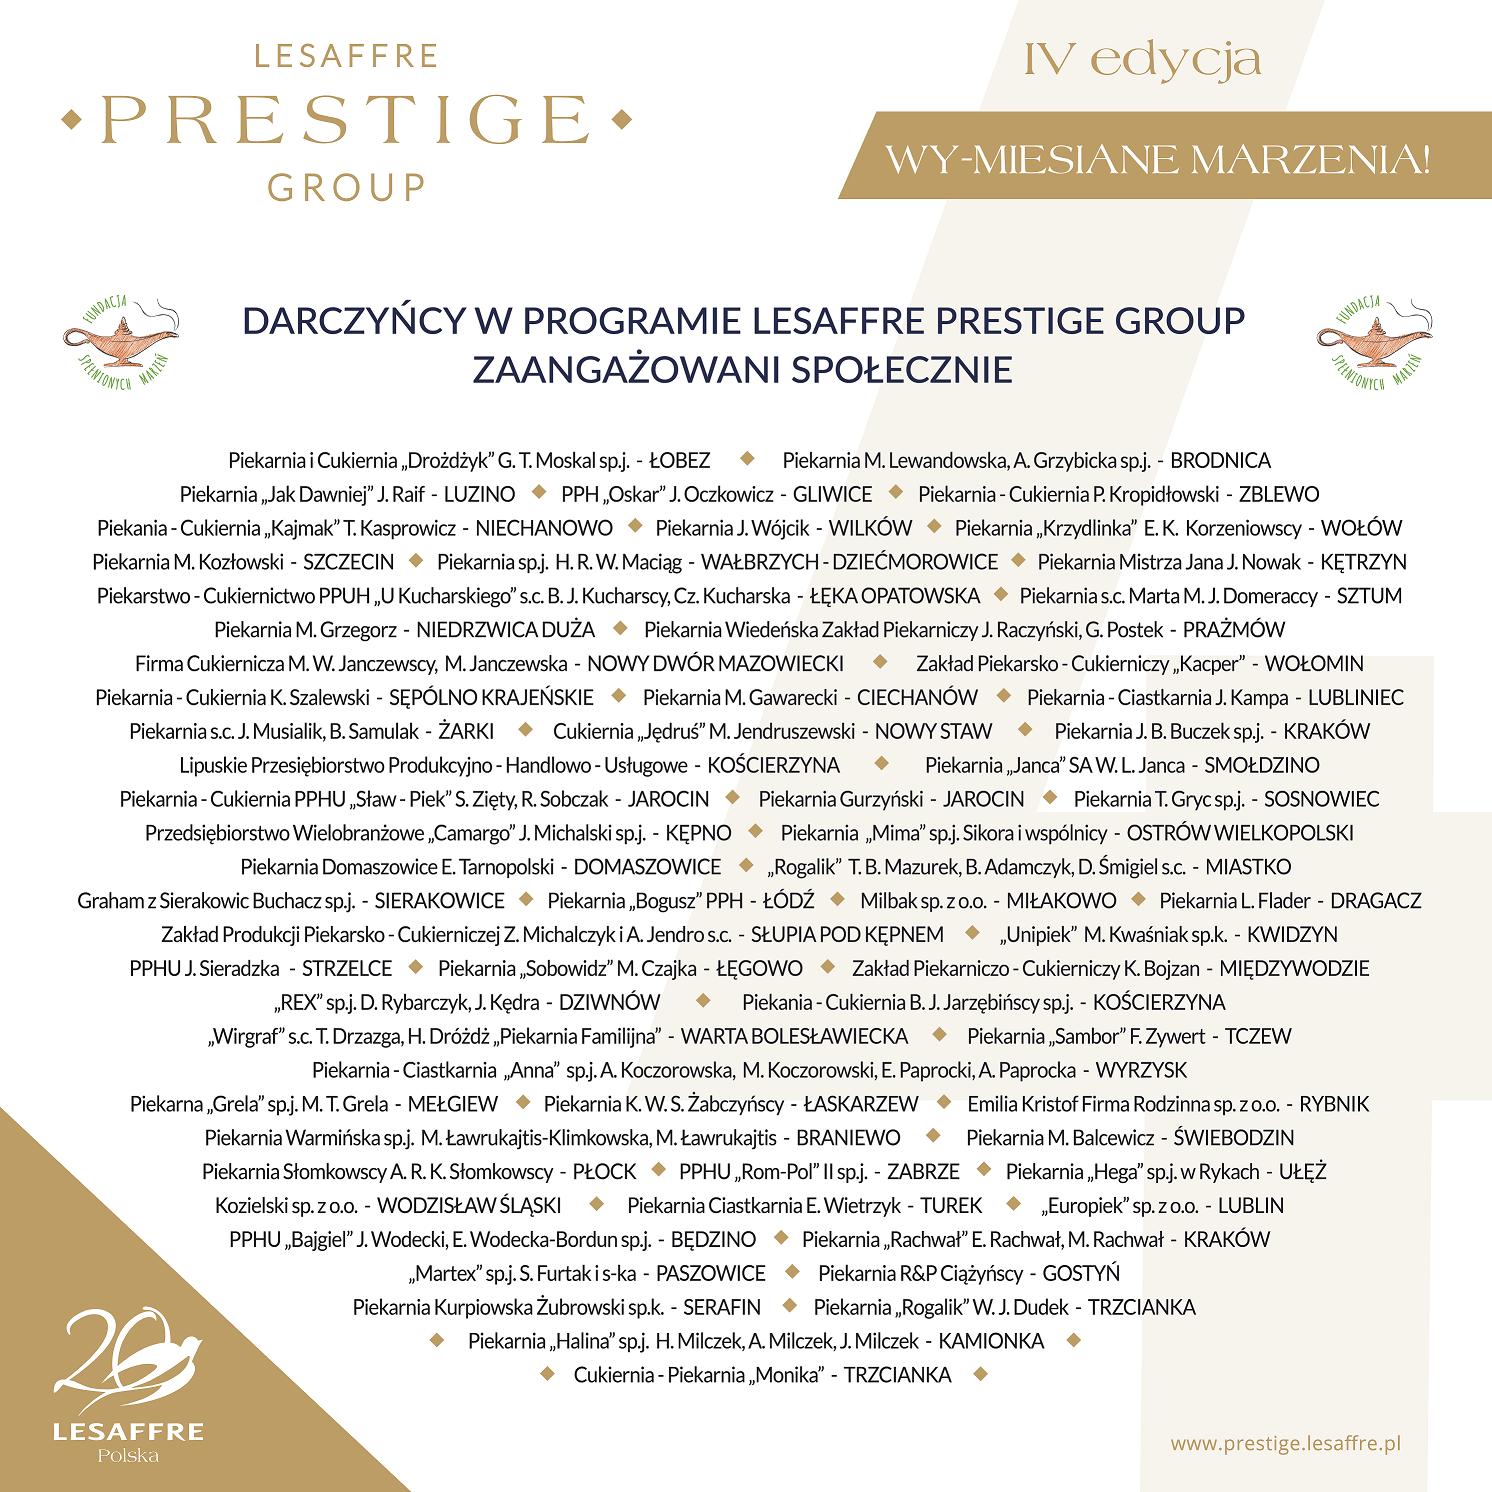 Darczyncy-CSR-Lesaffre-Prestige-Group-4-edycja